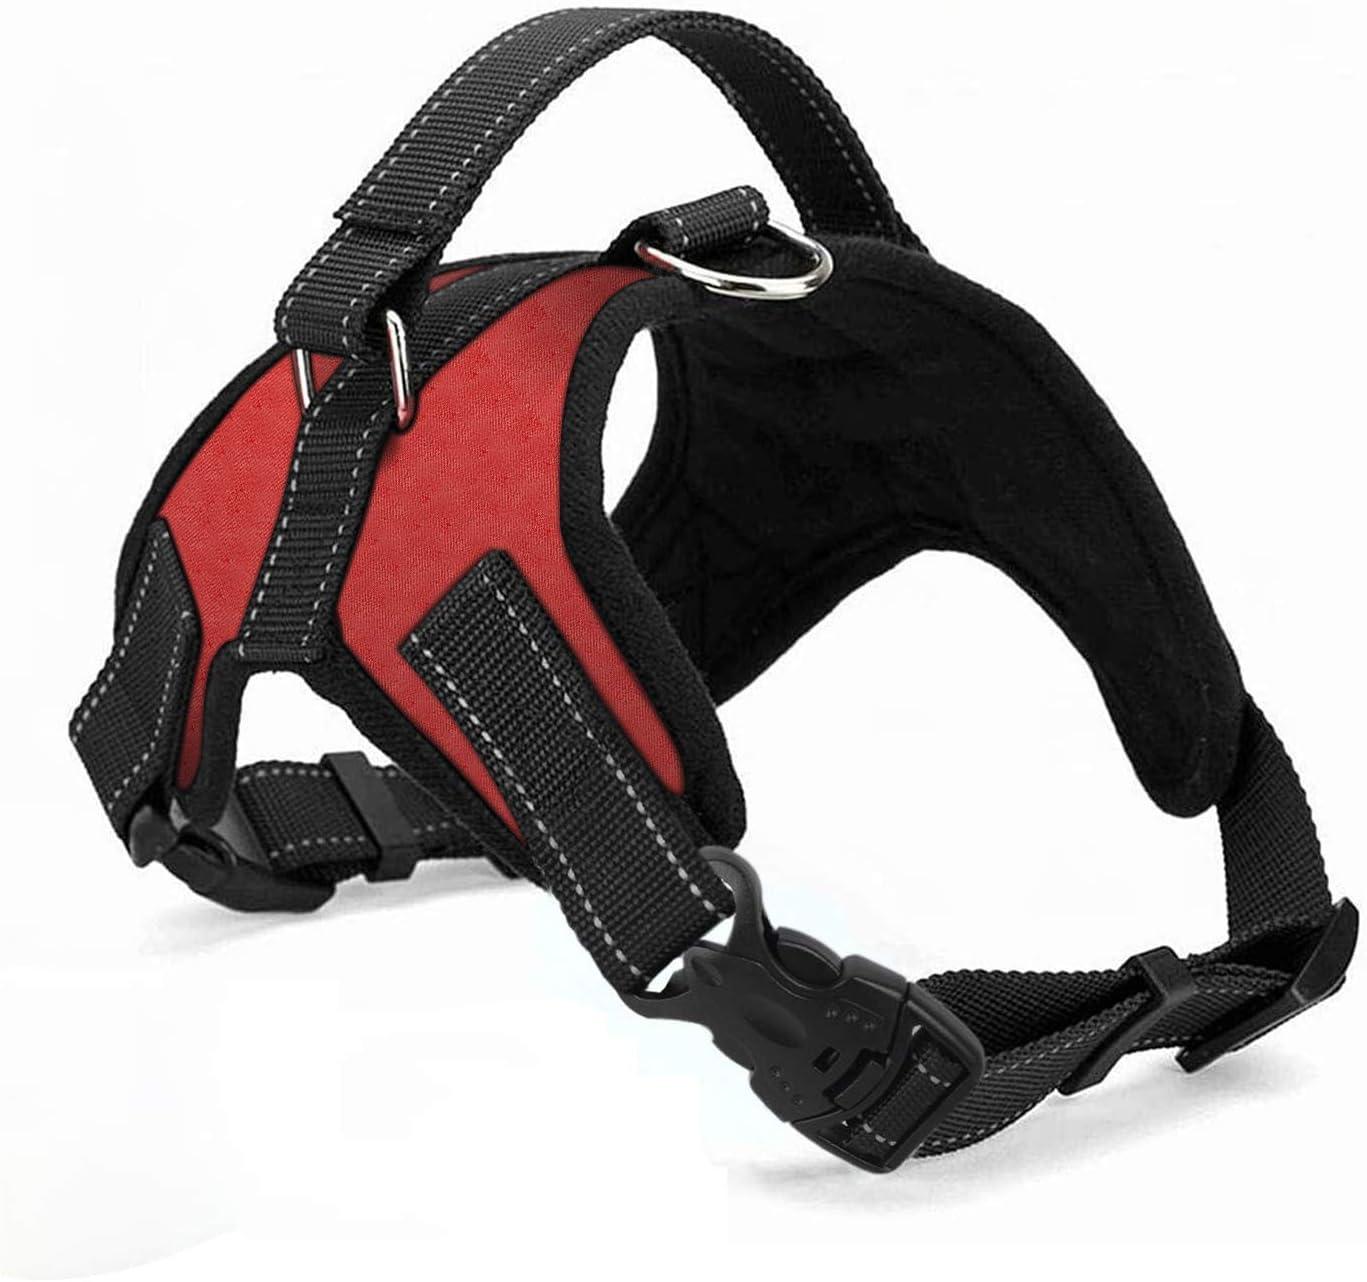 Wodondog Arnés para Perros Reflectantes Cómodo Transpirable Chaleco Acolchado Ajustable Arnés para Perros Grandes Medianos Pequeños (XL, Rojo)